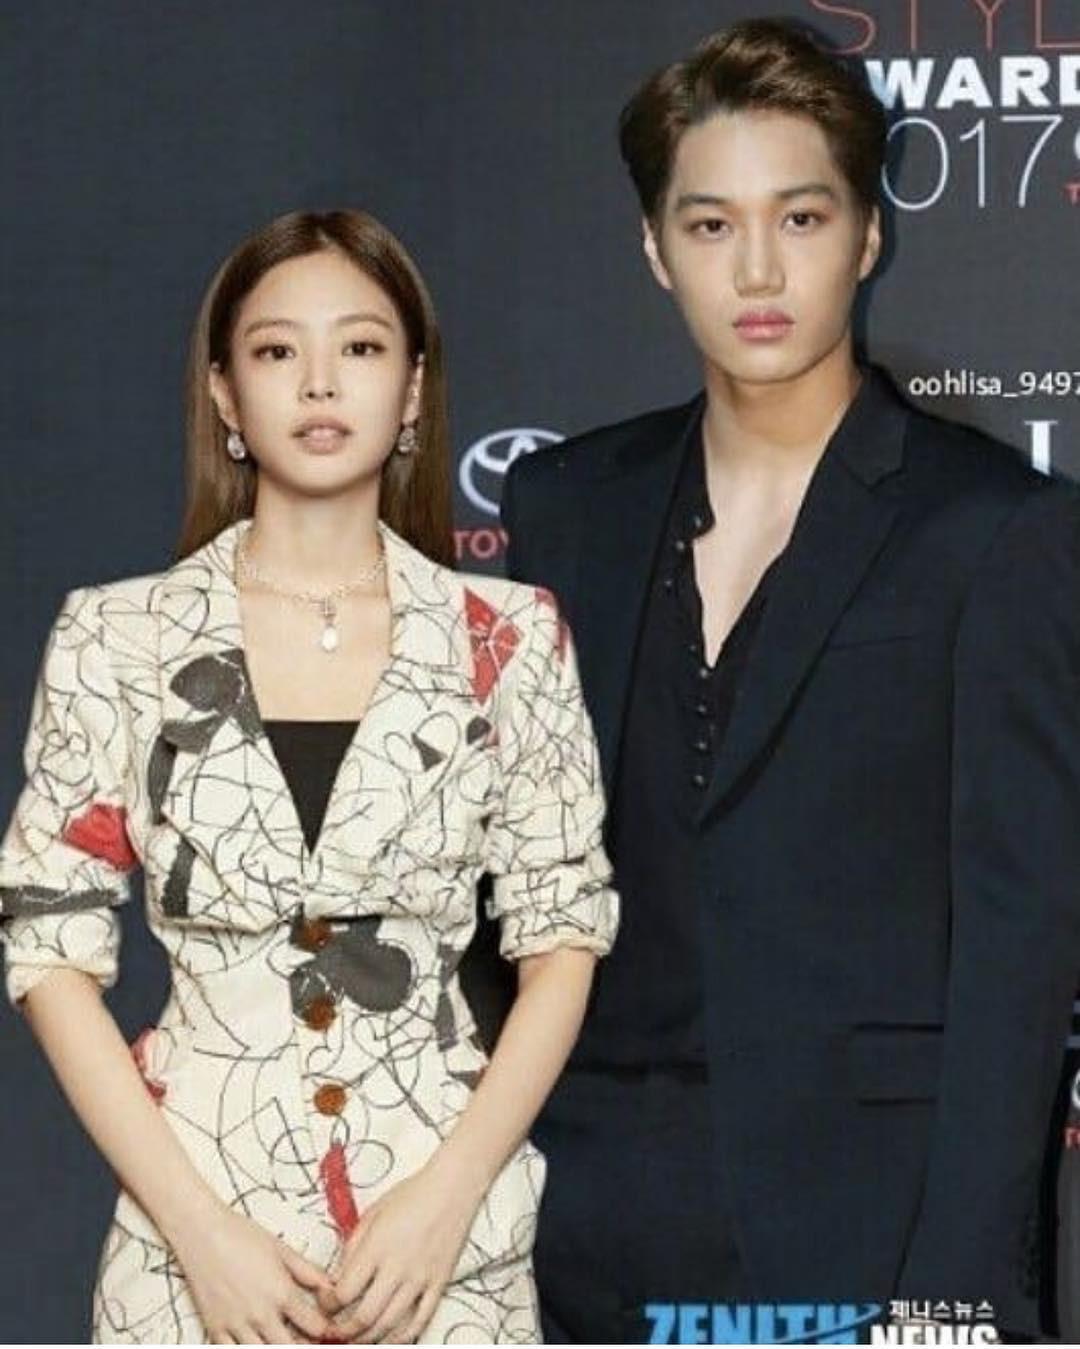 """Jennie và Kai trong loạt ảnh """"ảo tưởng"""" khiến fan tiếc hùi hụi: đẹp đôi, phong cách chất ngất quá đỗi tương đồng - Ảnh 2."""